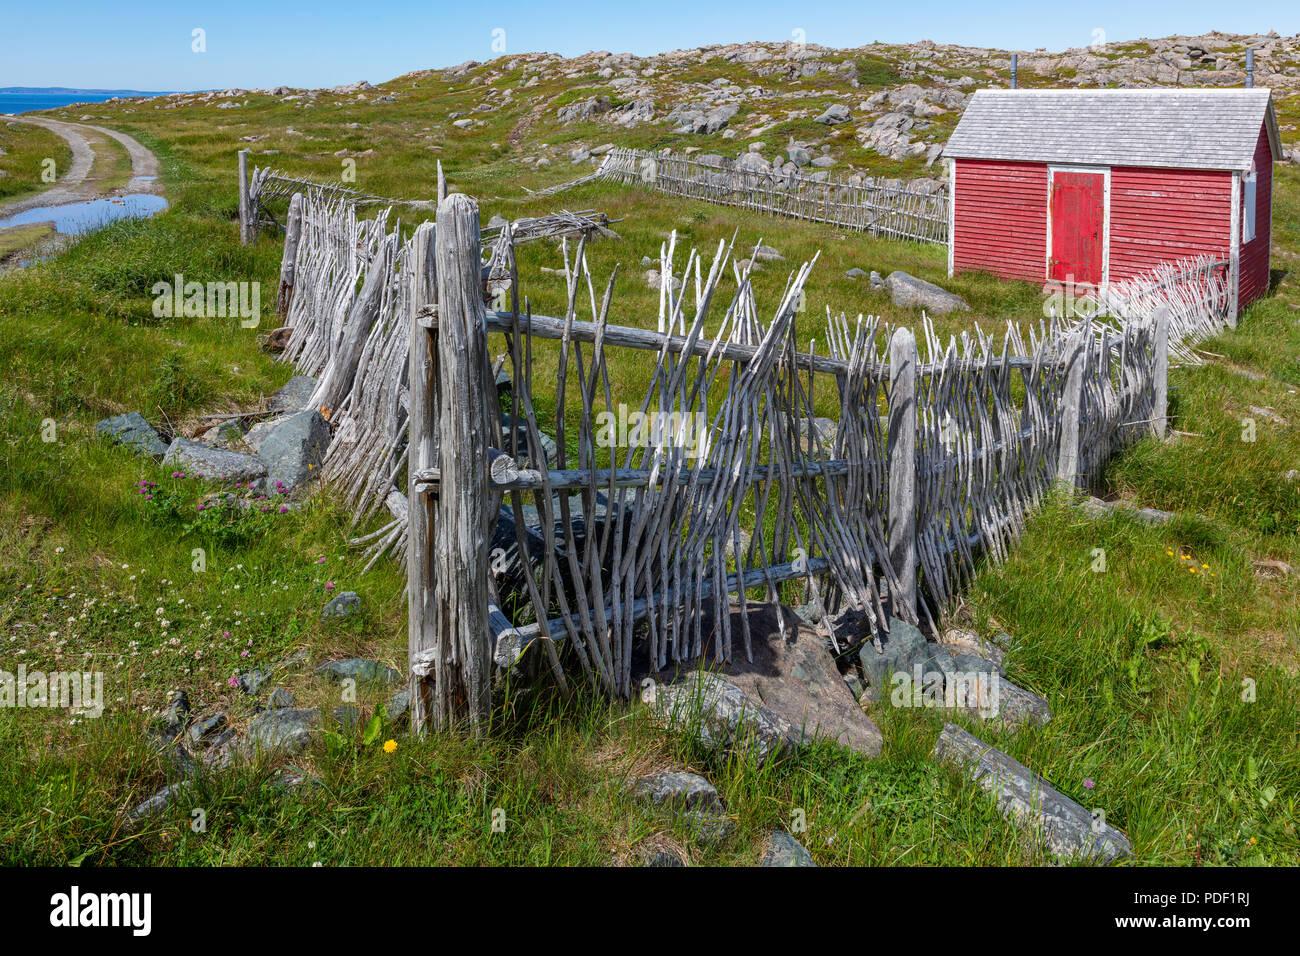 Red shack and fence, Cape Bonavista Lighthous Provincial Historic Site, Newfoundland Labrador, Canada - Stock Image